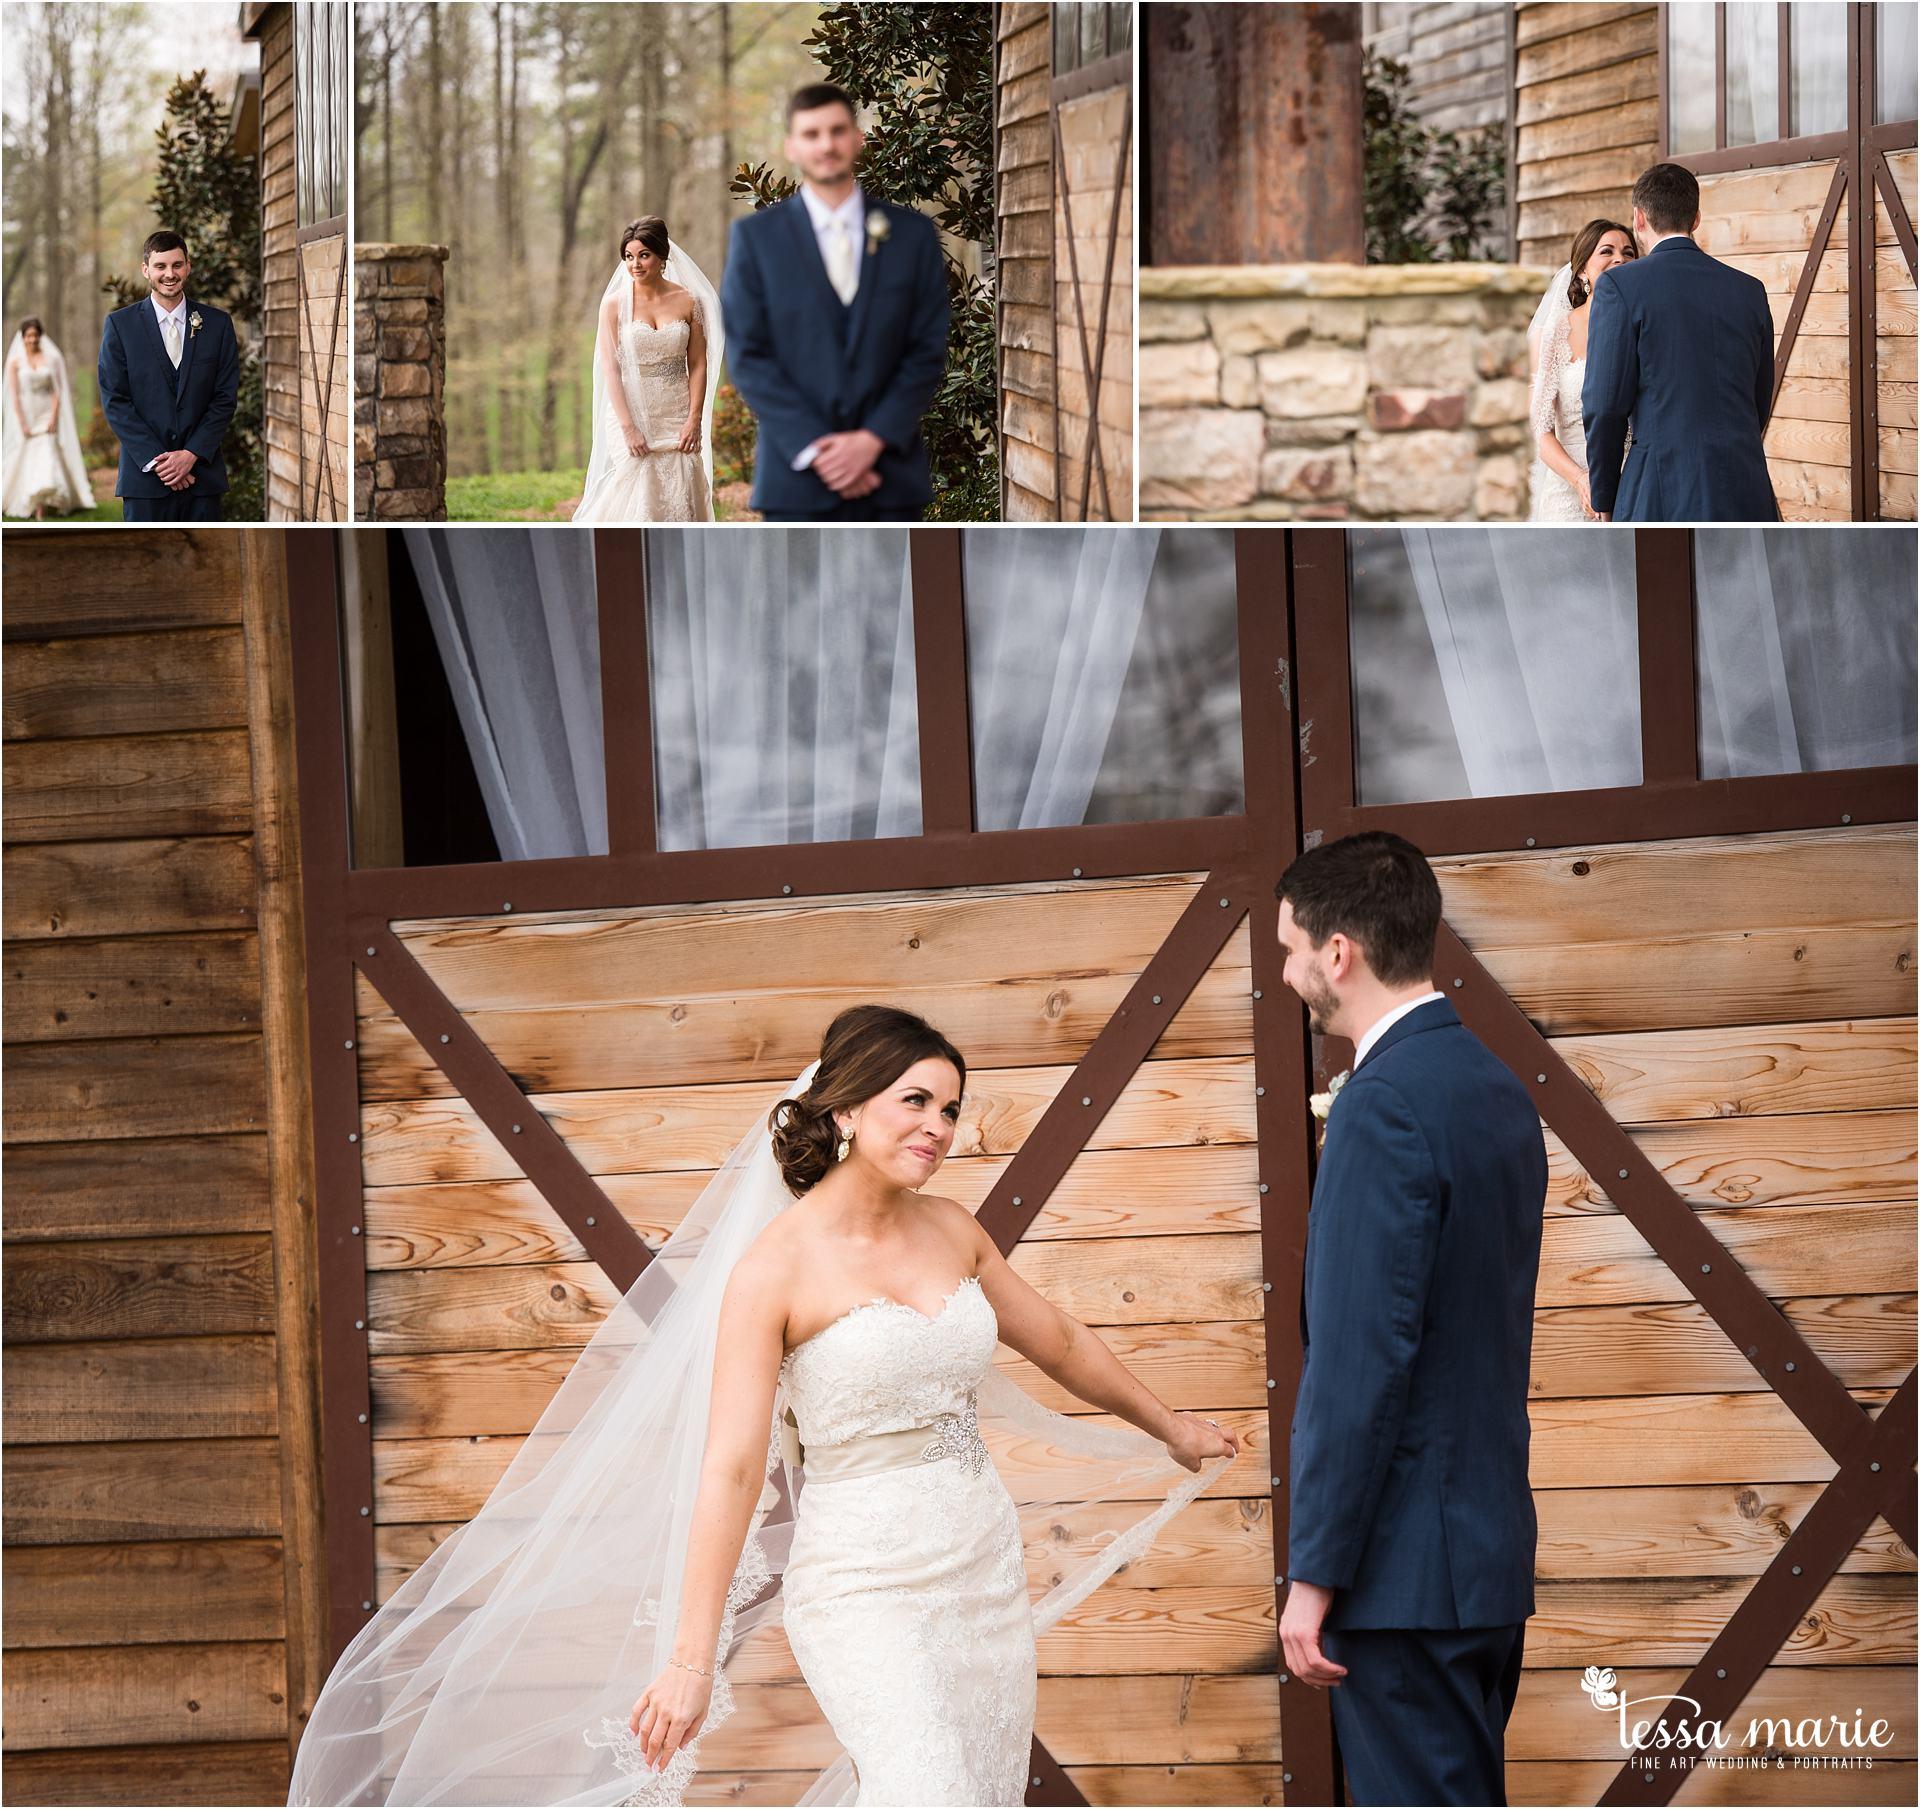 032216_brittany_kevin_wedding-47